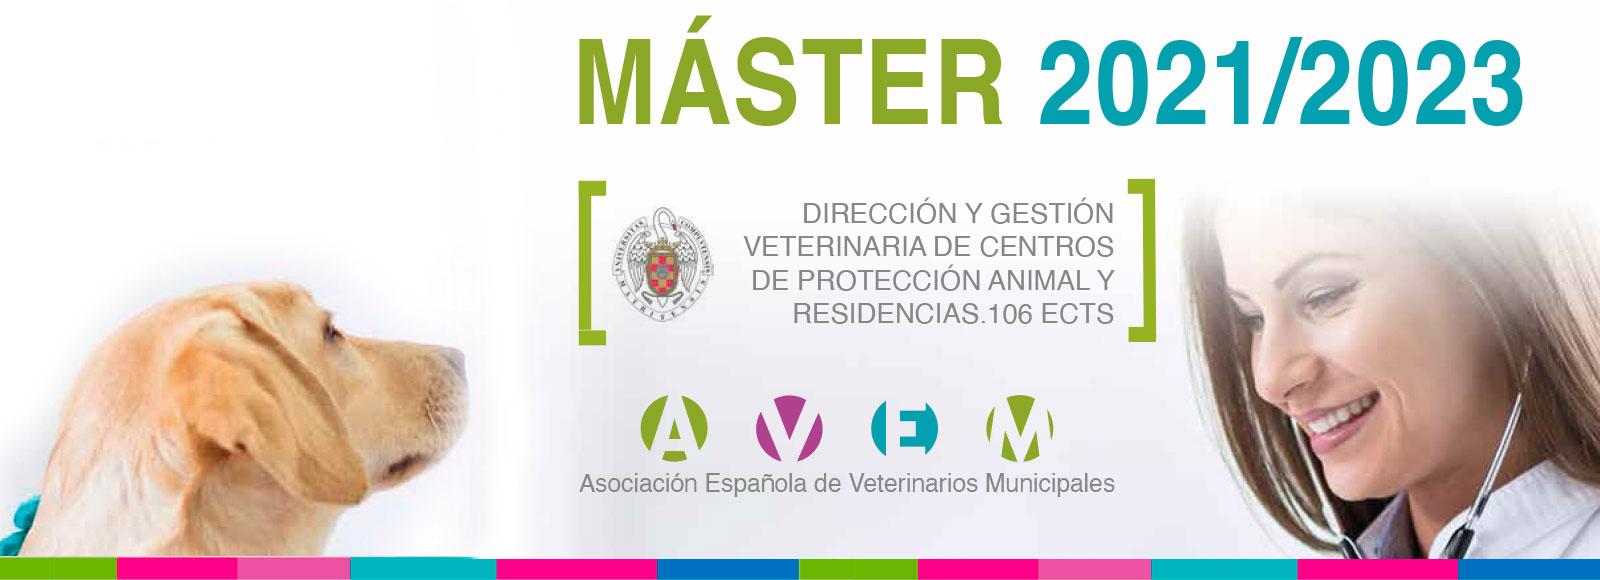 Gestión veterinaria en centros de protección animal y residencia de animales de compañía